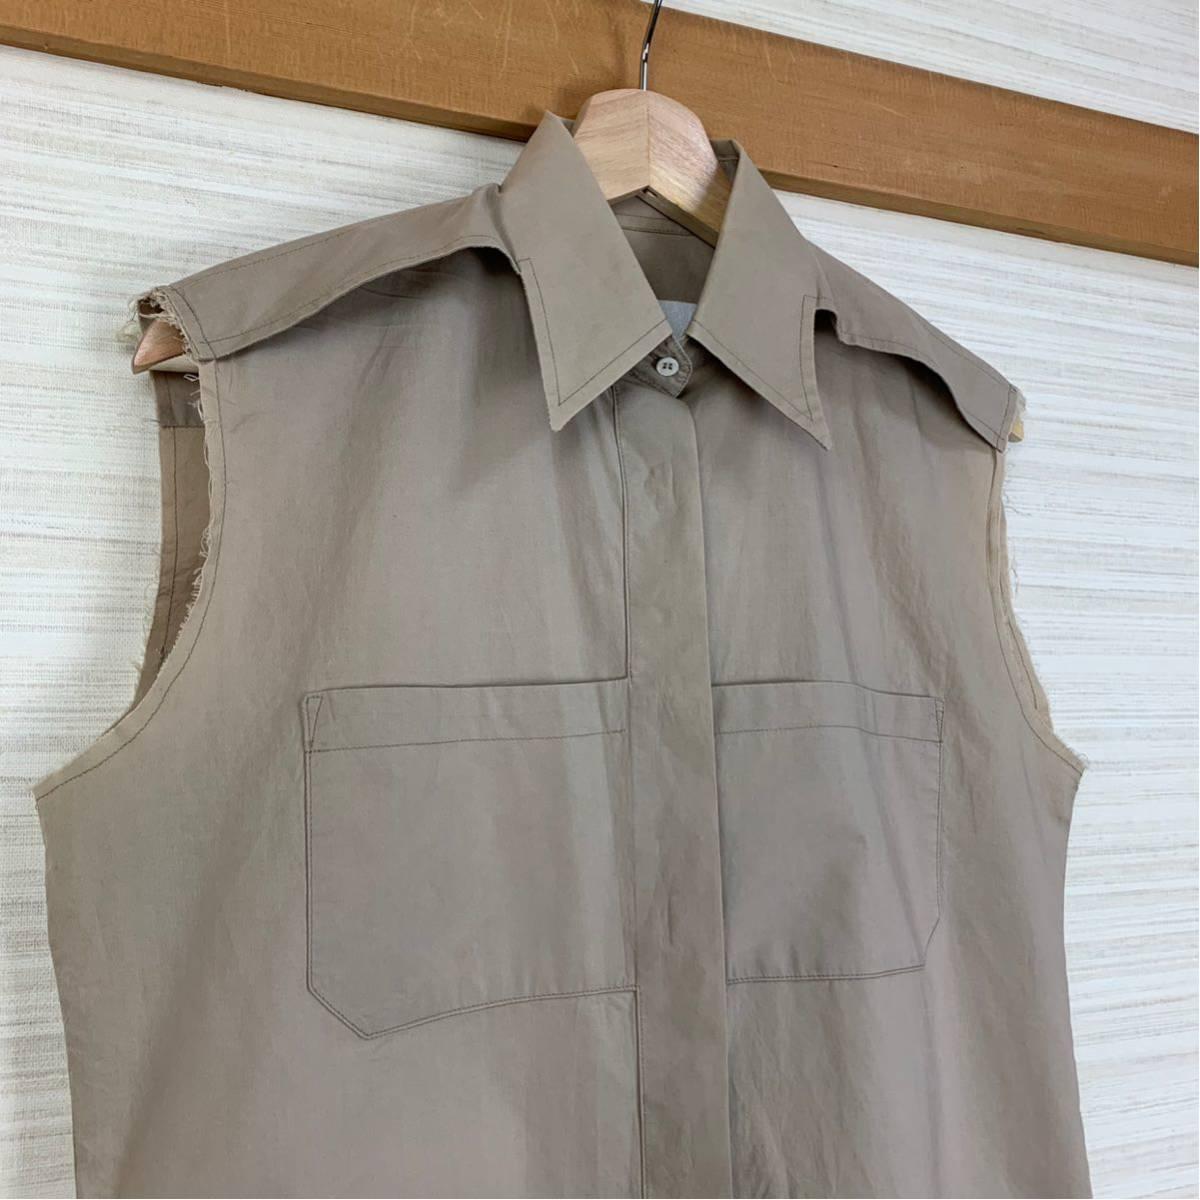 Martin Margiela 初期 変形カットオフシャツ 白タグ 2003SS アーティザナル Maison メゾンマルタンマルジェラ 1円スタート レディース _画像2